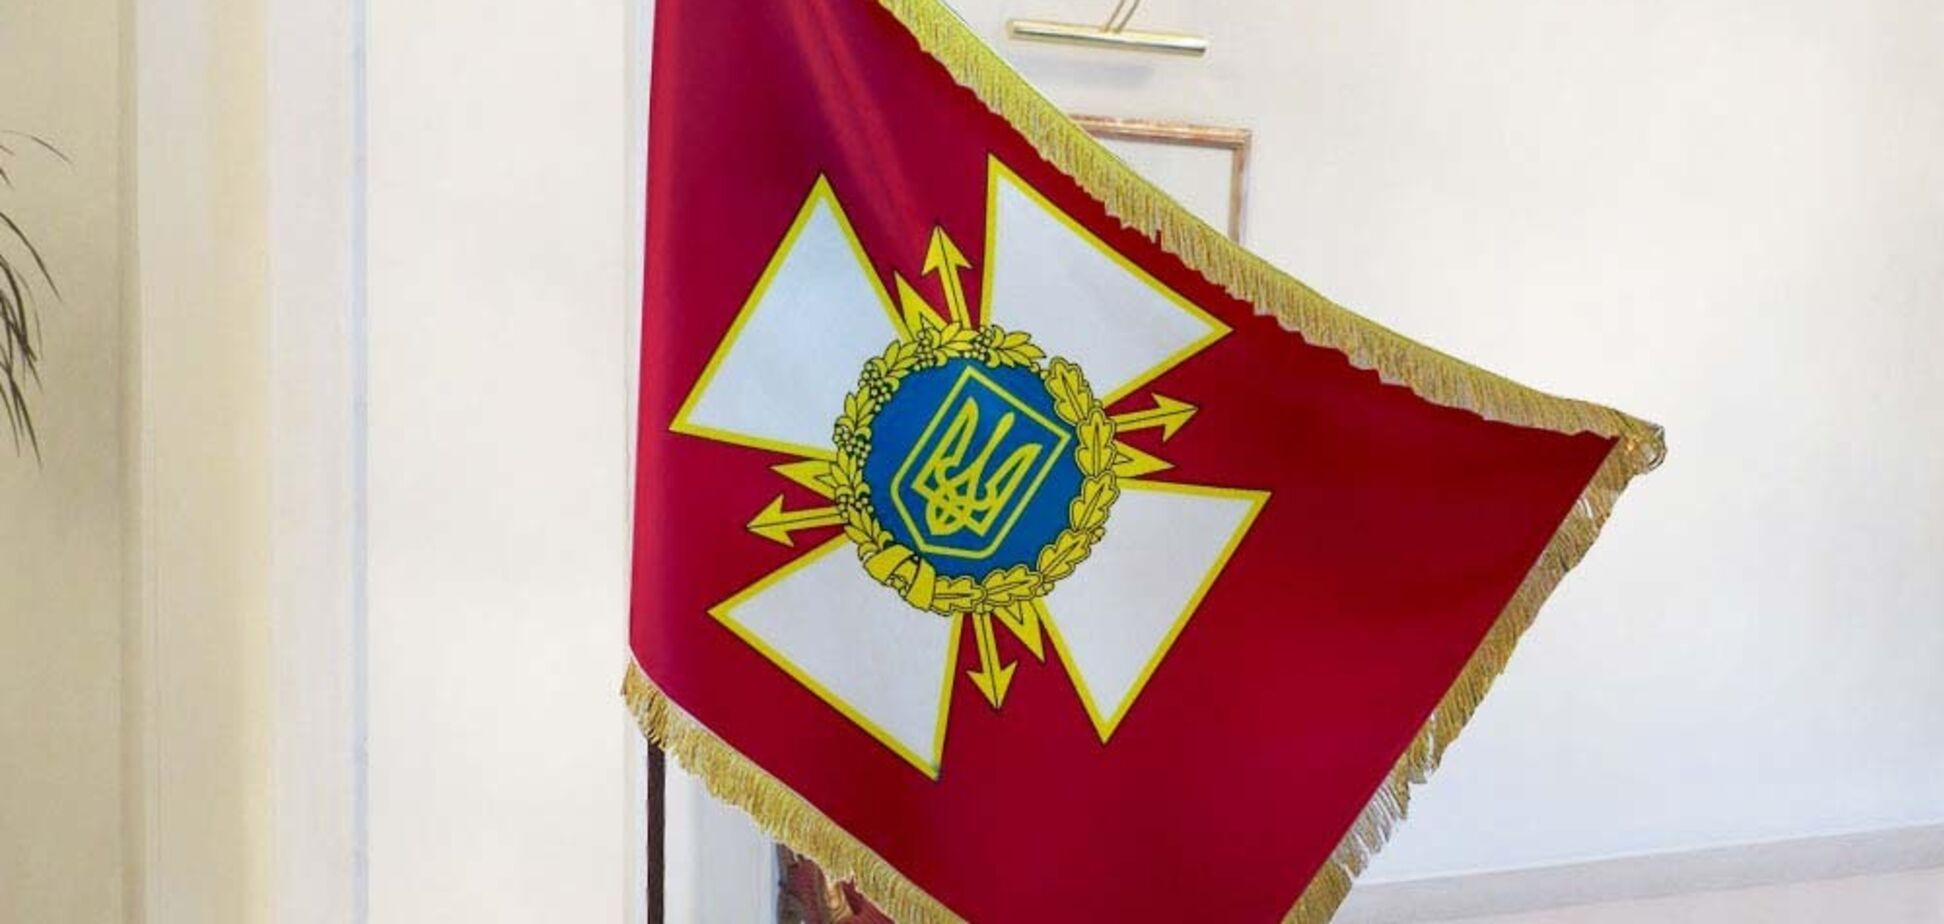 Зеленский установил новый праздник в Украине